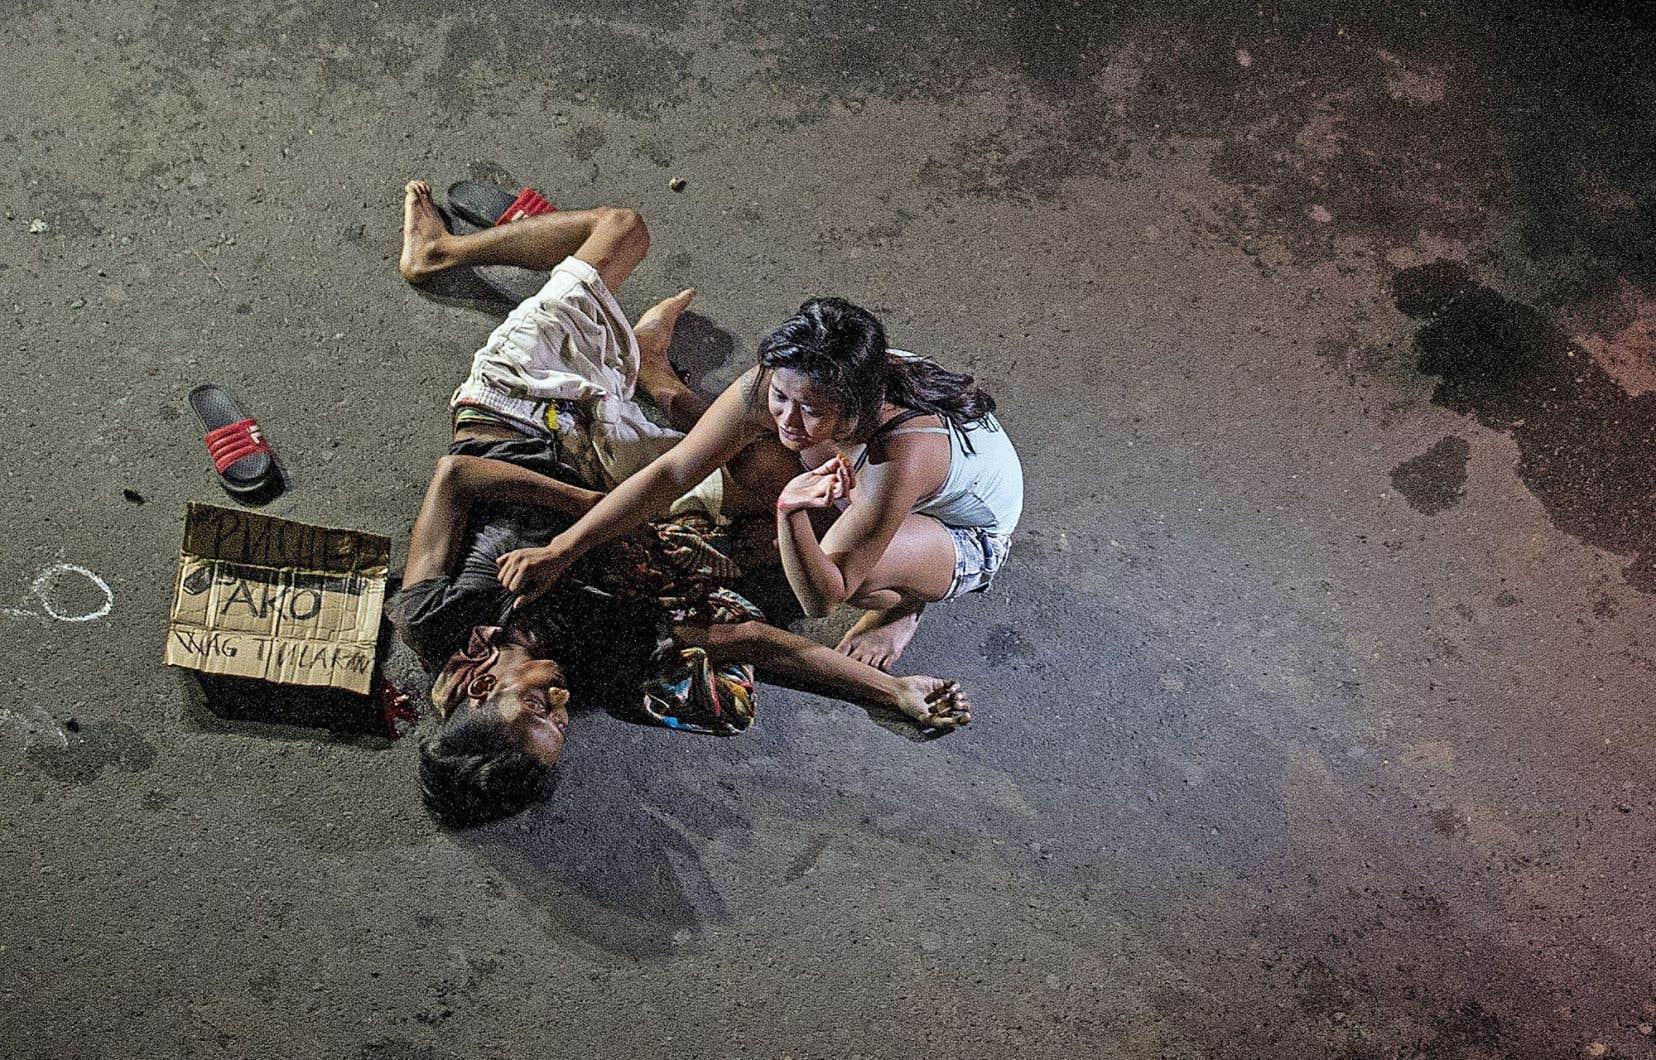 Jennilyn Olayres enlace son petit ami Michael Siaron, exécuté par un inconnu dans un quartier chaud de Manille, le 23 juillet dernier. À ses côtés, un carton clame: «Je suis un trafiquant».